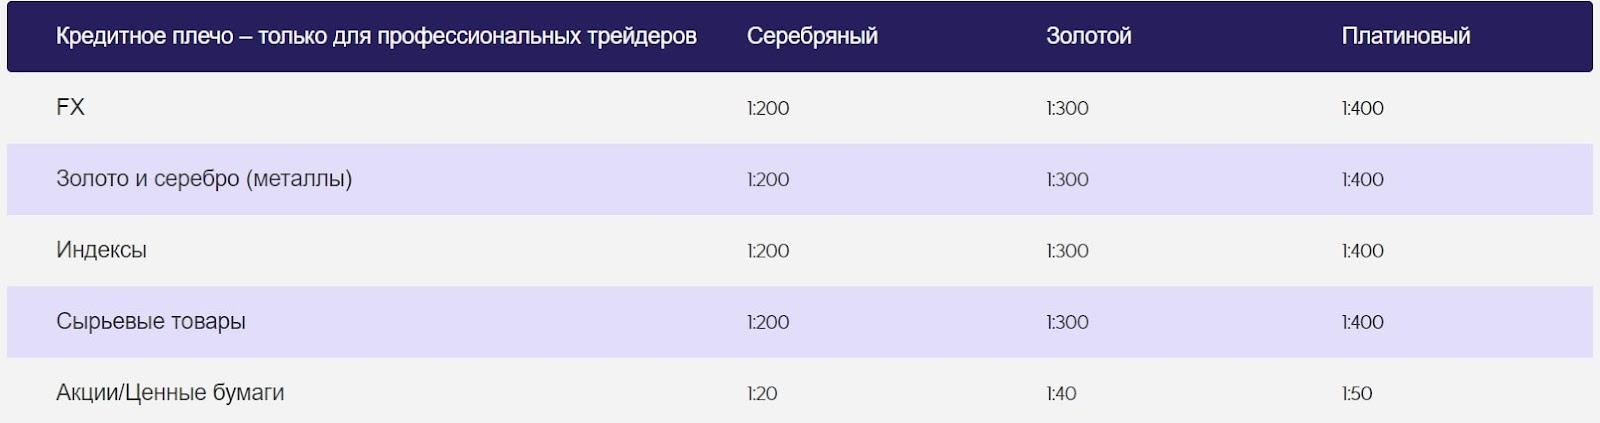 Объективный обзор платформы 24xFOREX, анализ отзывов